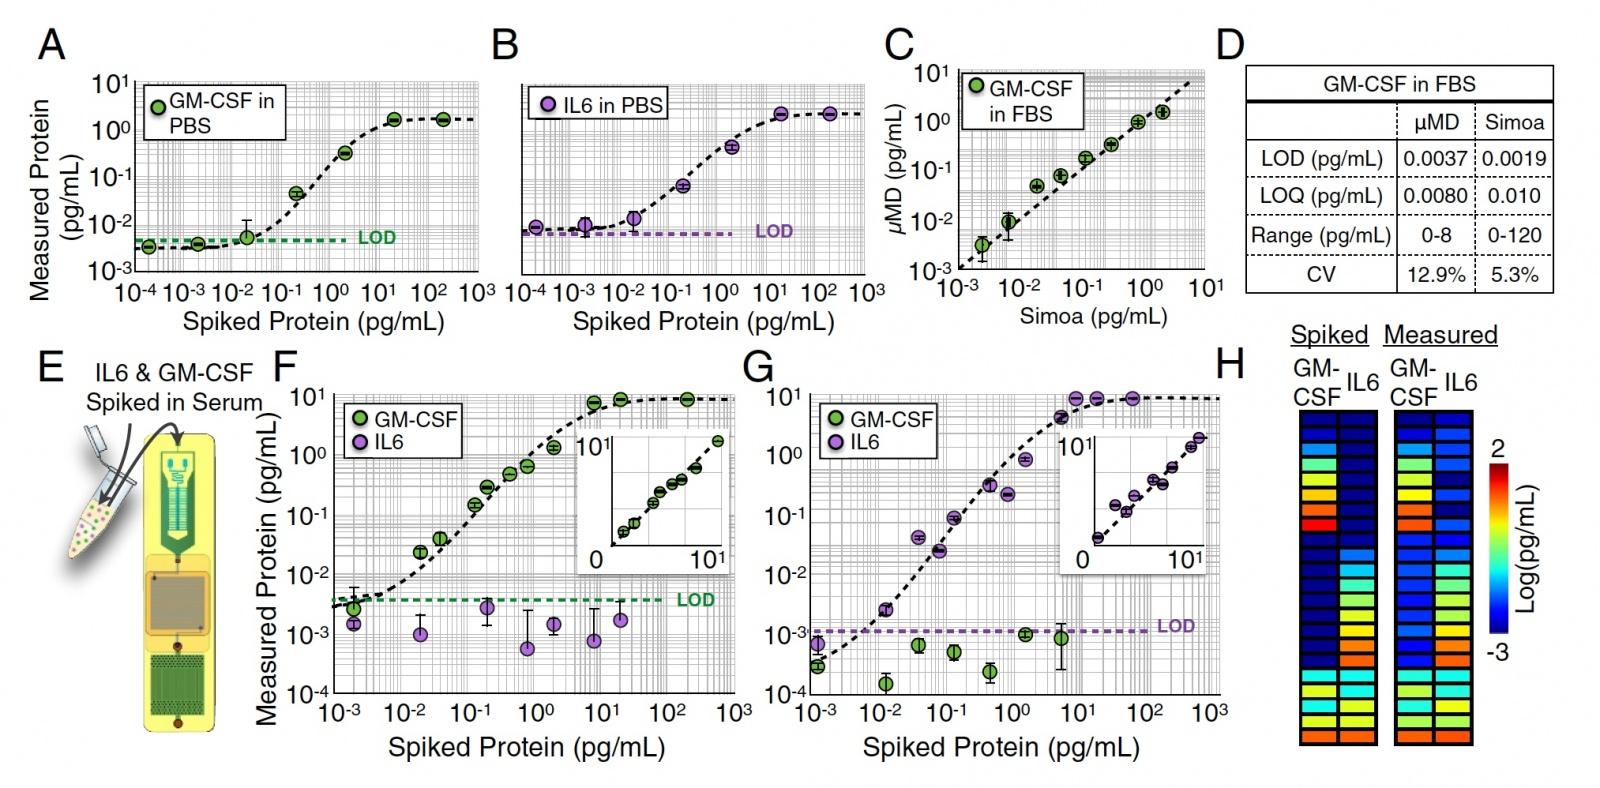 Не для селфи: цифровой иммуноферментный анализ посредством нового чипа, встраиваемого в смартфон - 6